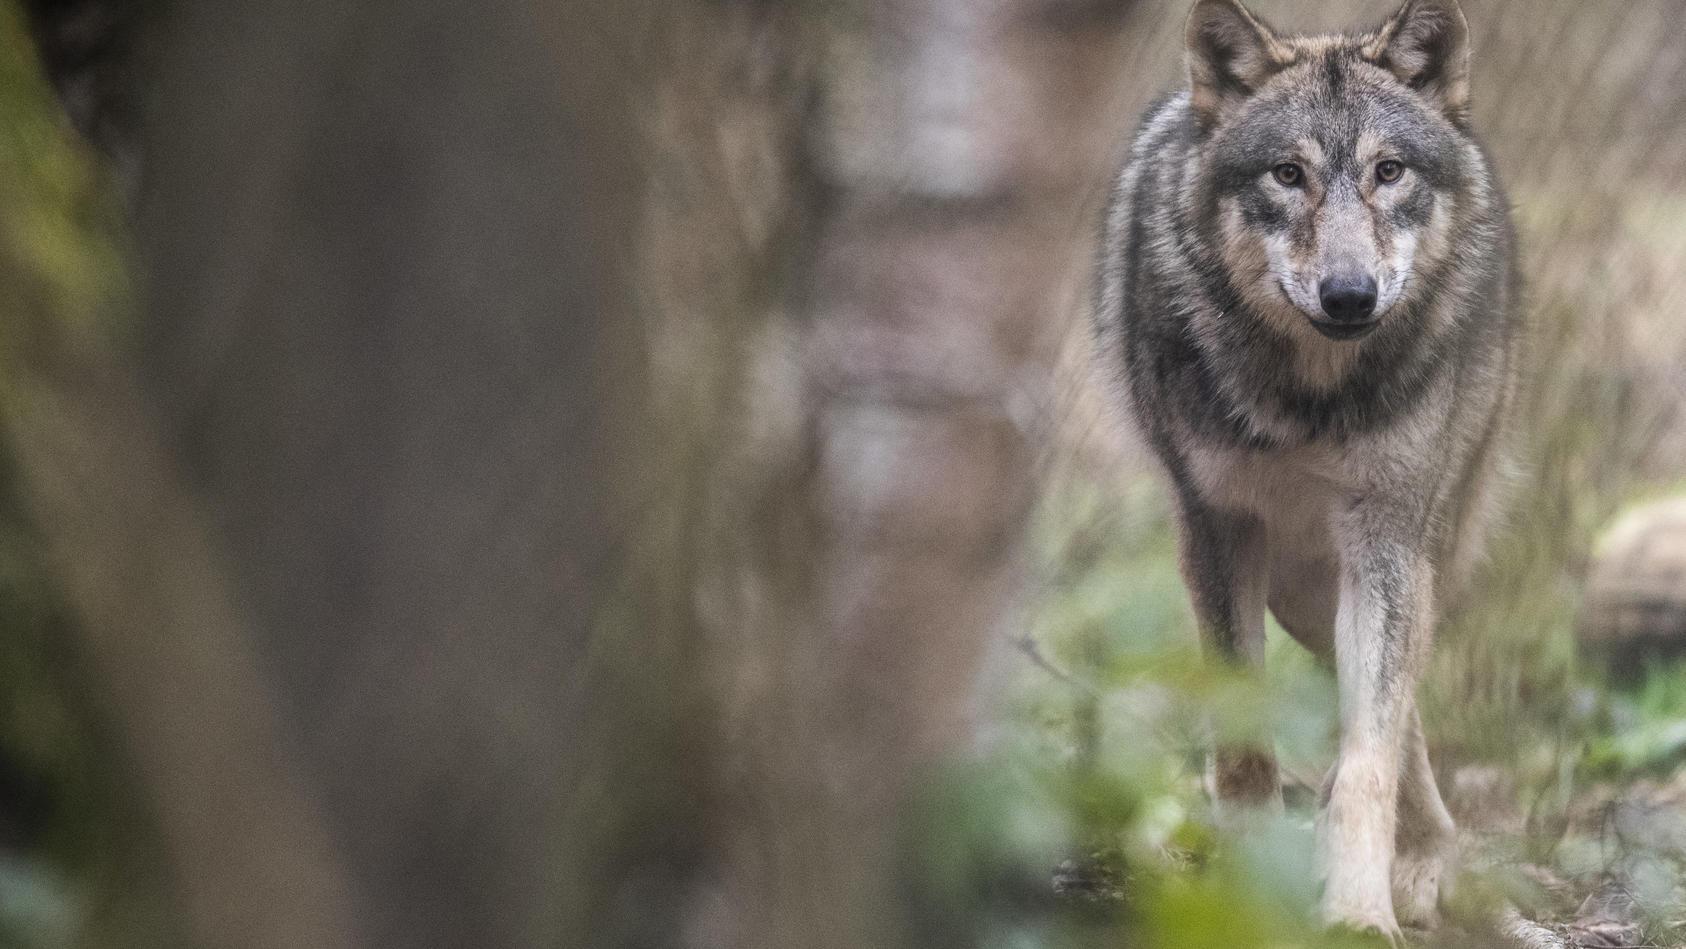 Spaziergänger hatten Ende September Wolfssichtungen im Hermann-Löns-Park in Hannover gemeldet. (Symbolbild)